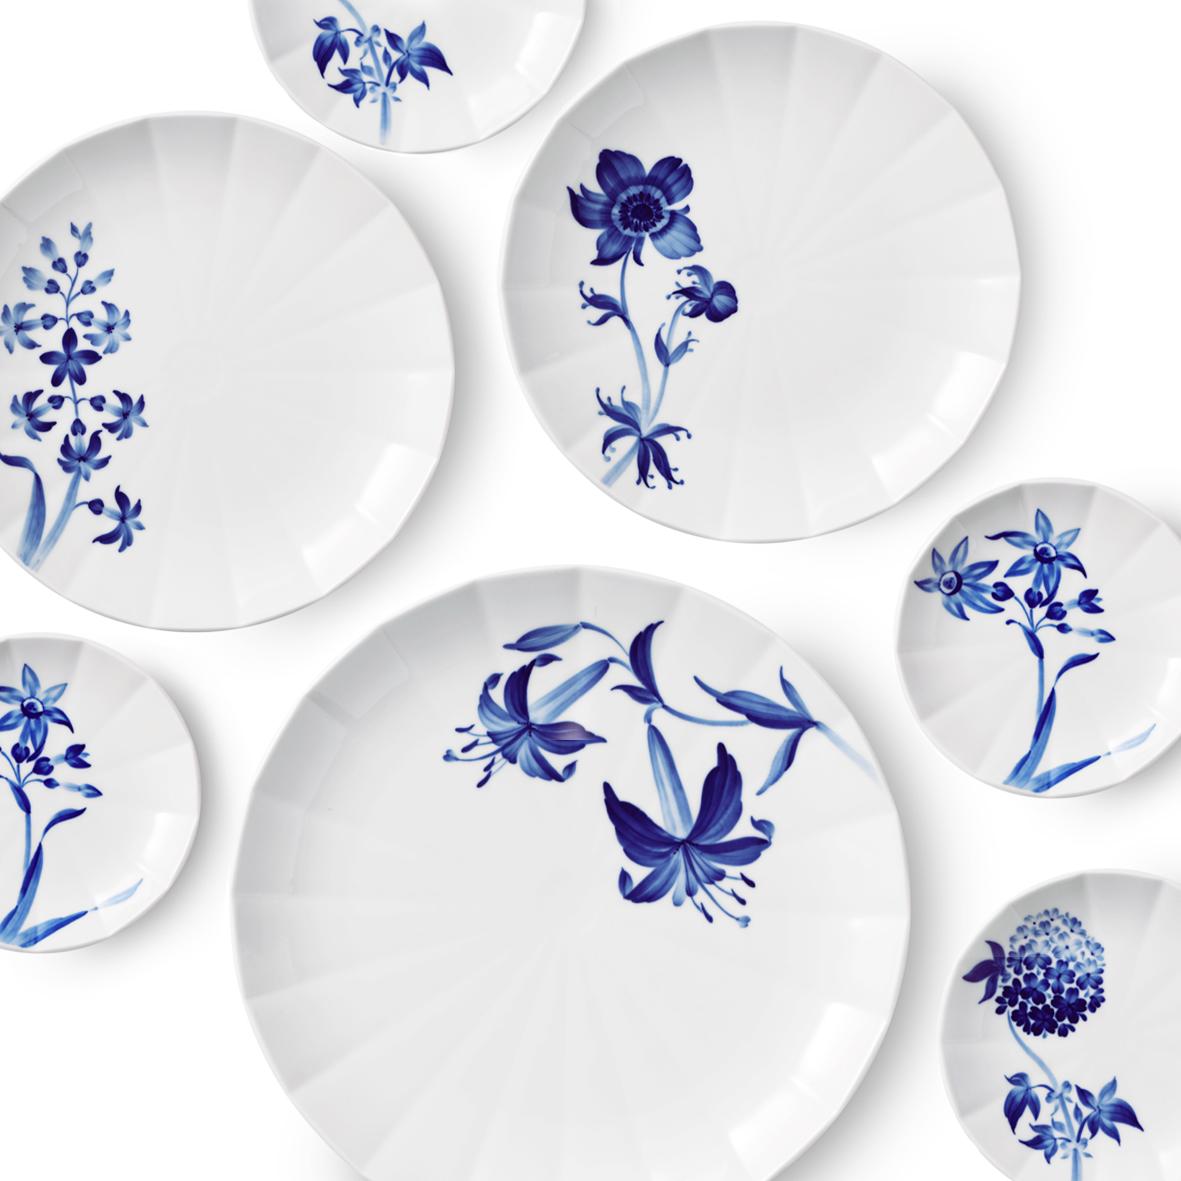 Blomst Royal Copenhagen_flere tallerkener_A table story (1 of 16)